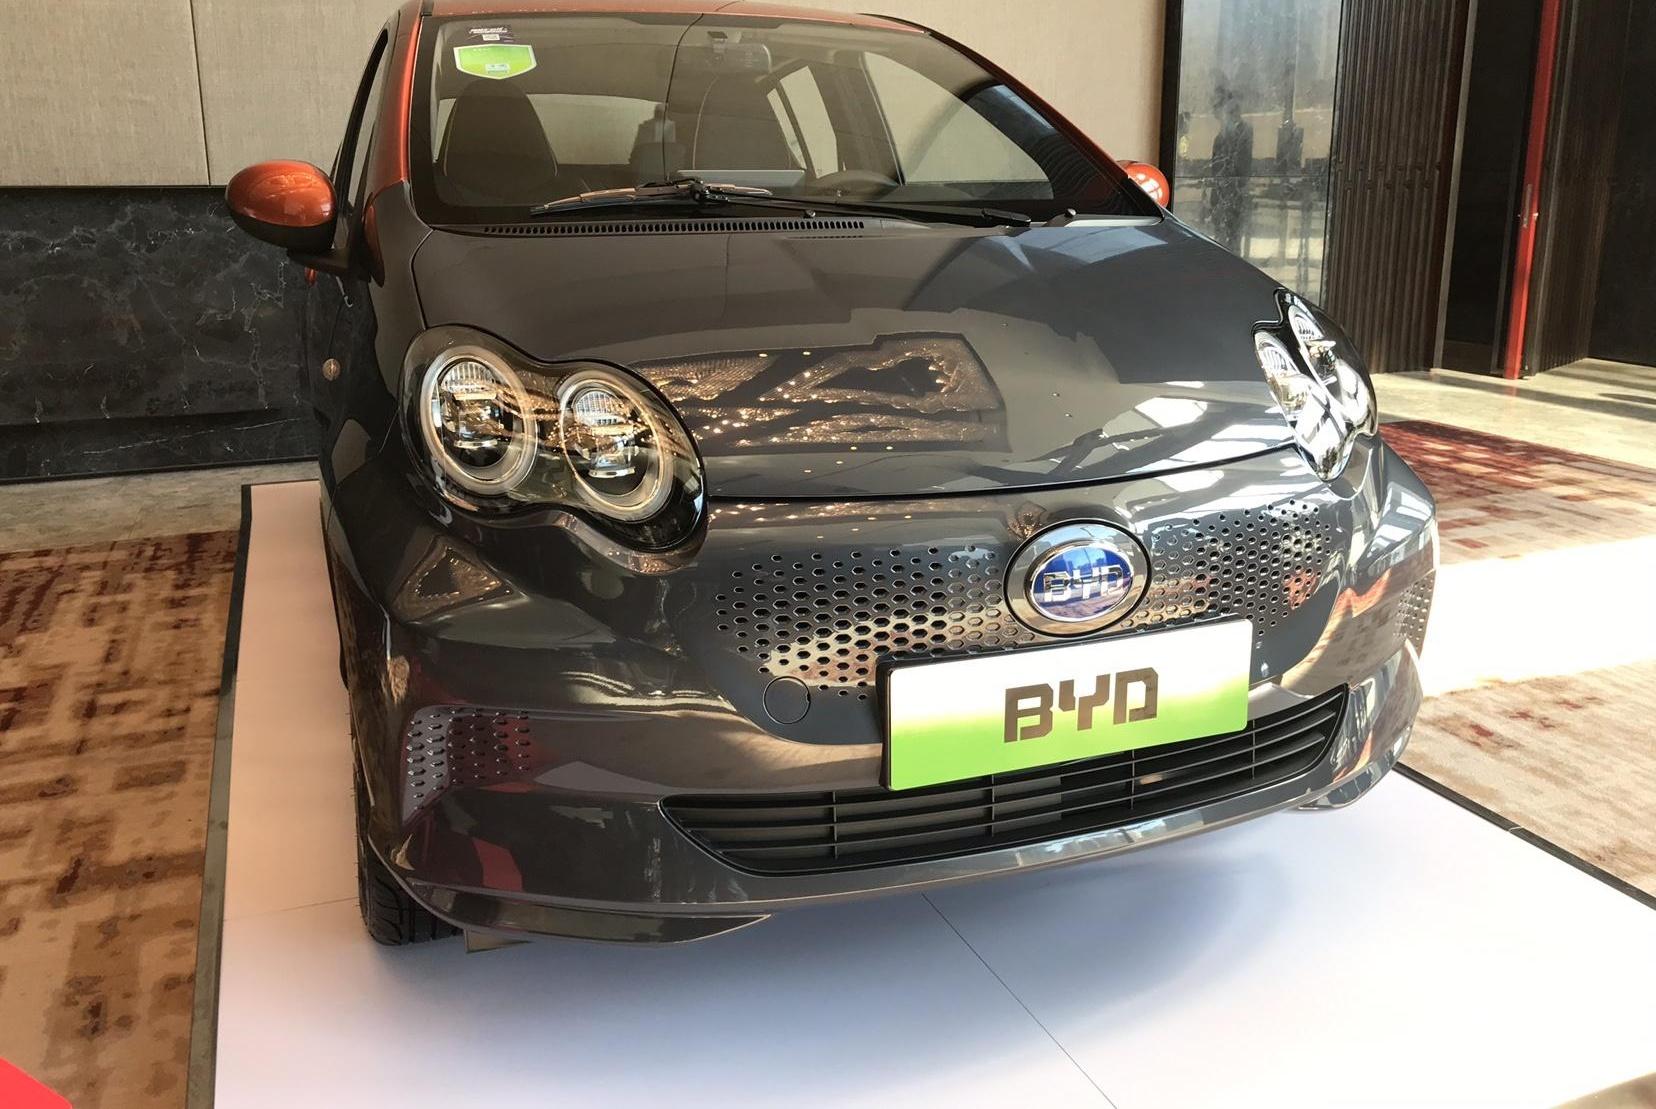 比亚迪e1实车正式亮相,网友感叹:竟然比效果图还漂亮